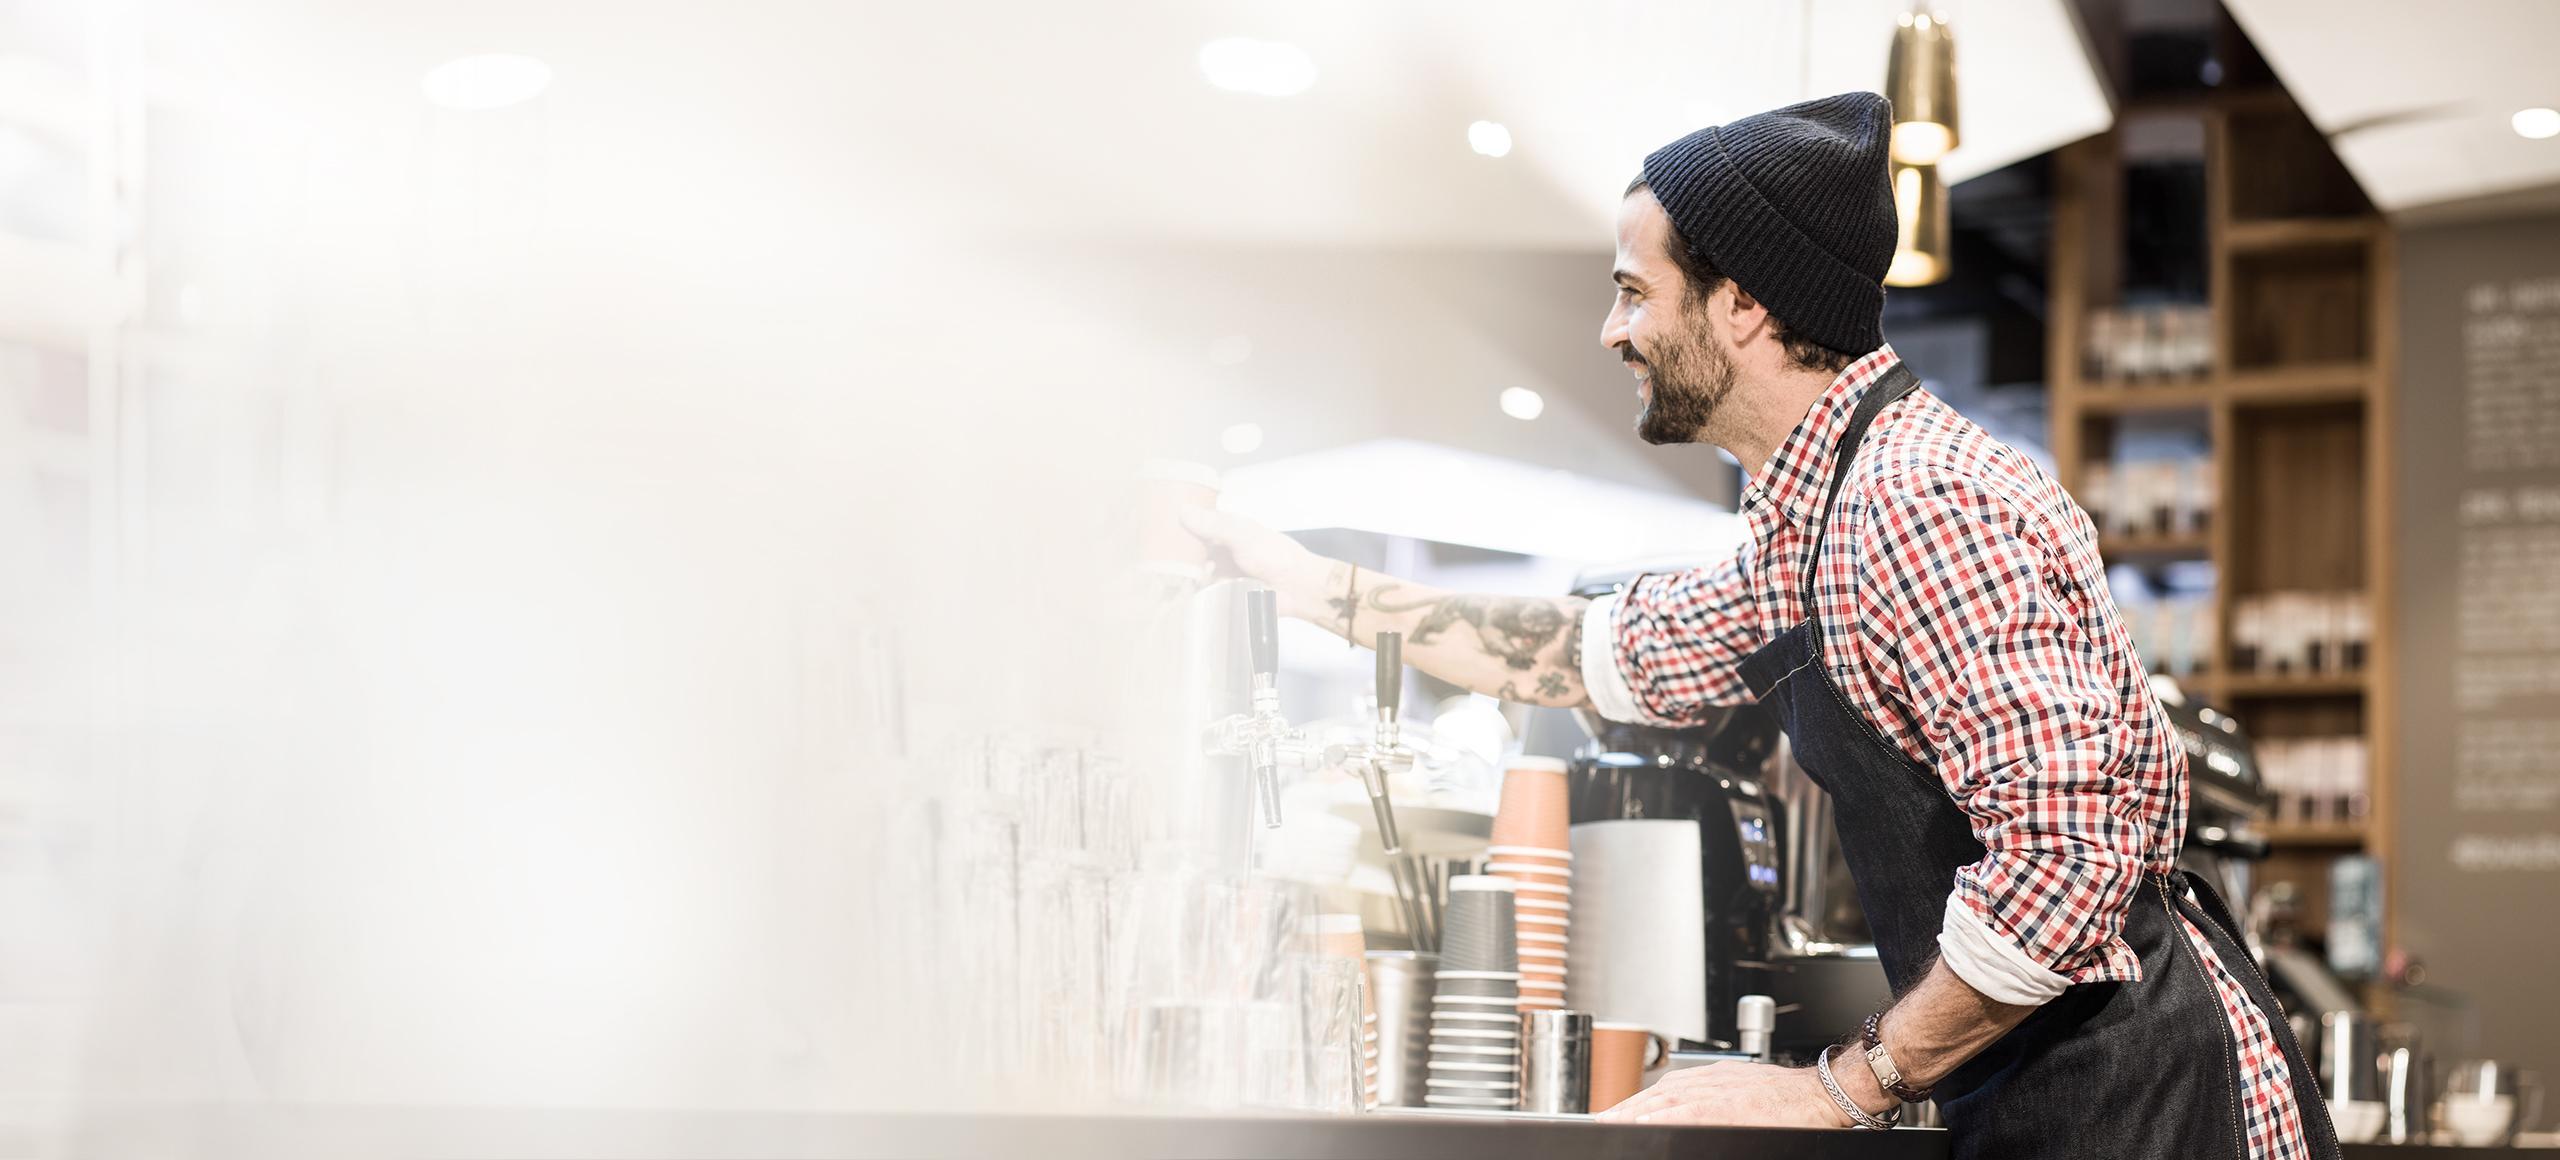 咖啡烘焙師正加熱牛奶並打奶泡。